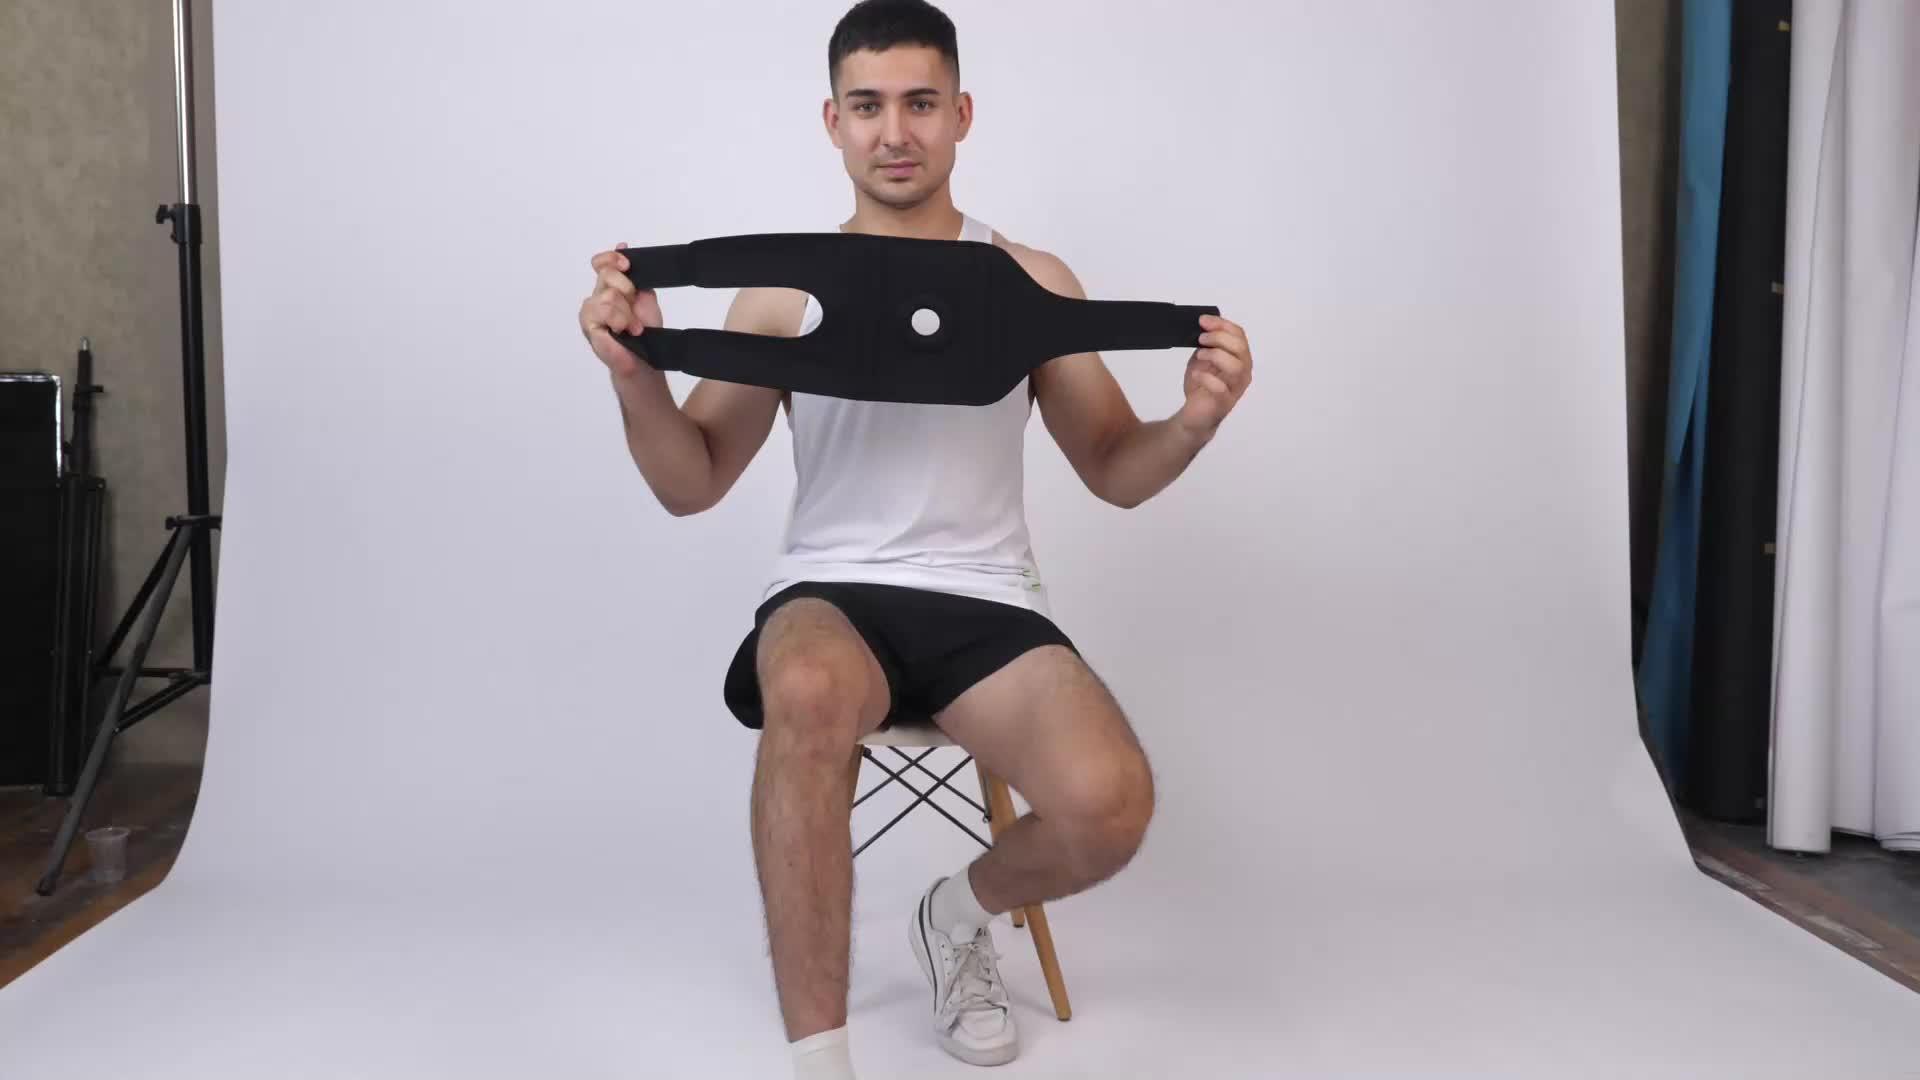 Apoio Do Joelho Neoprene ajustável Sports Knee Brace Para Mulheres Dos Homens